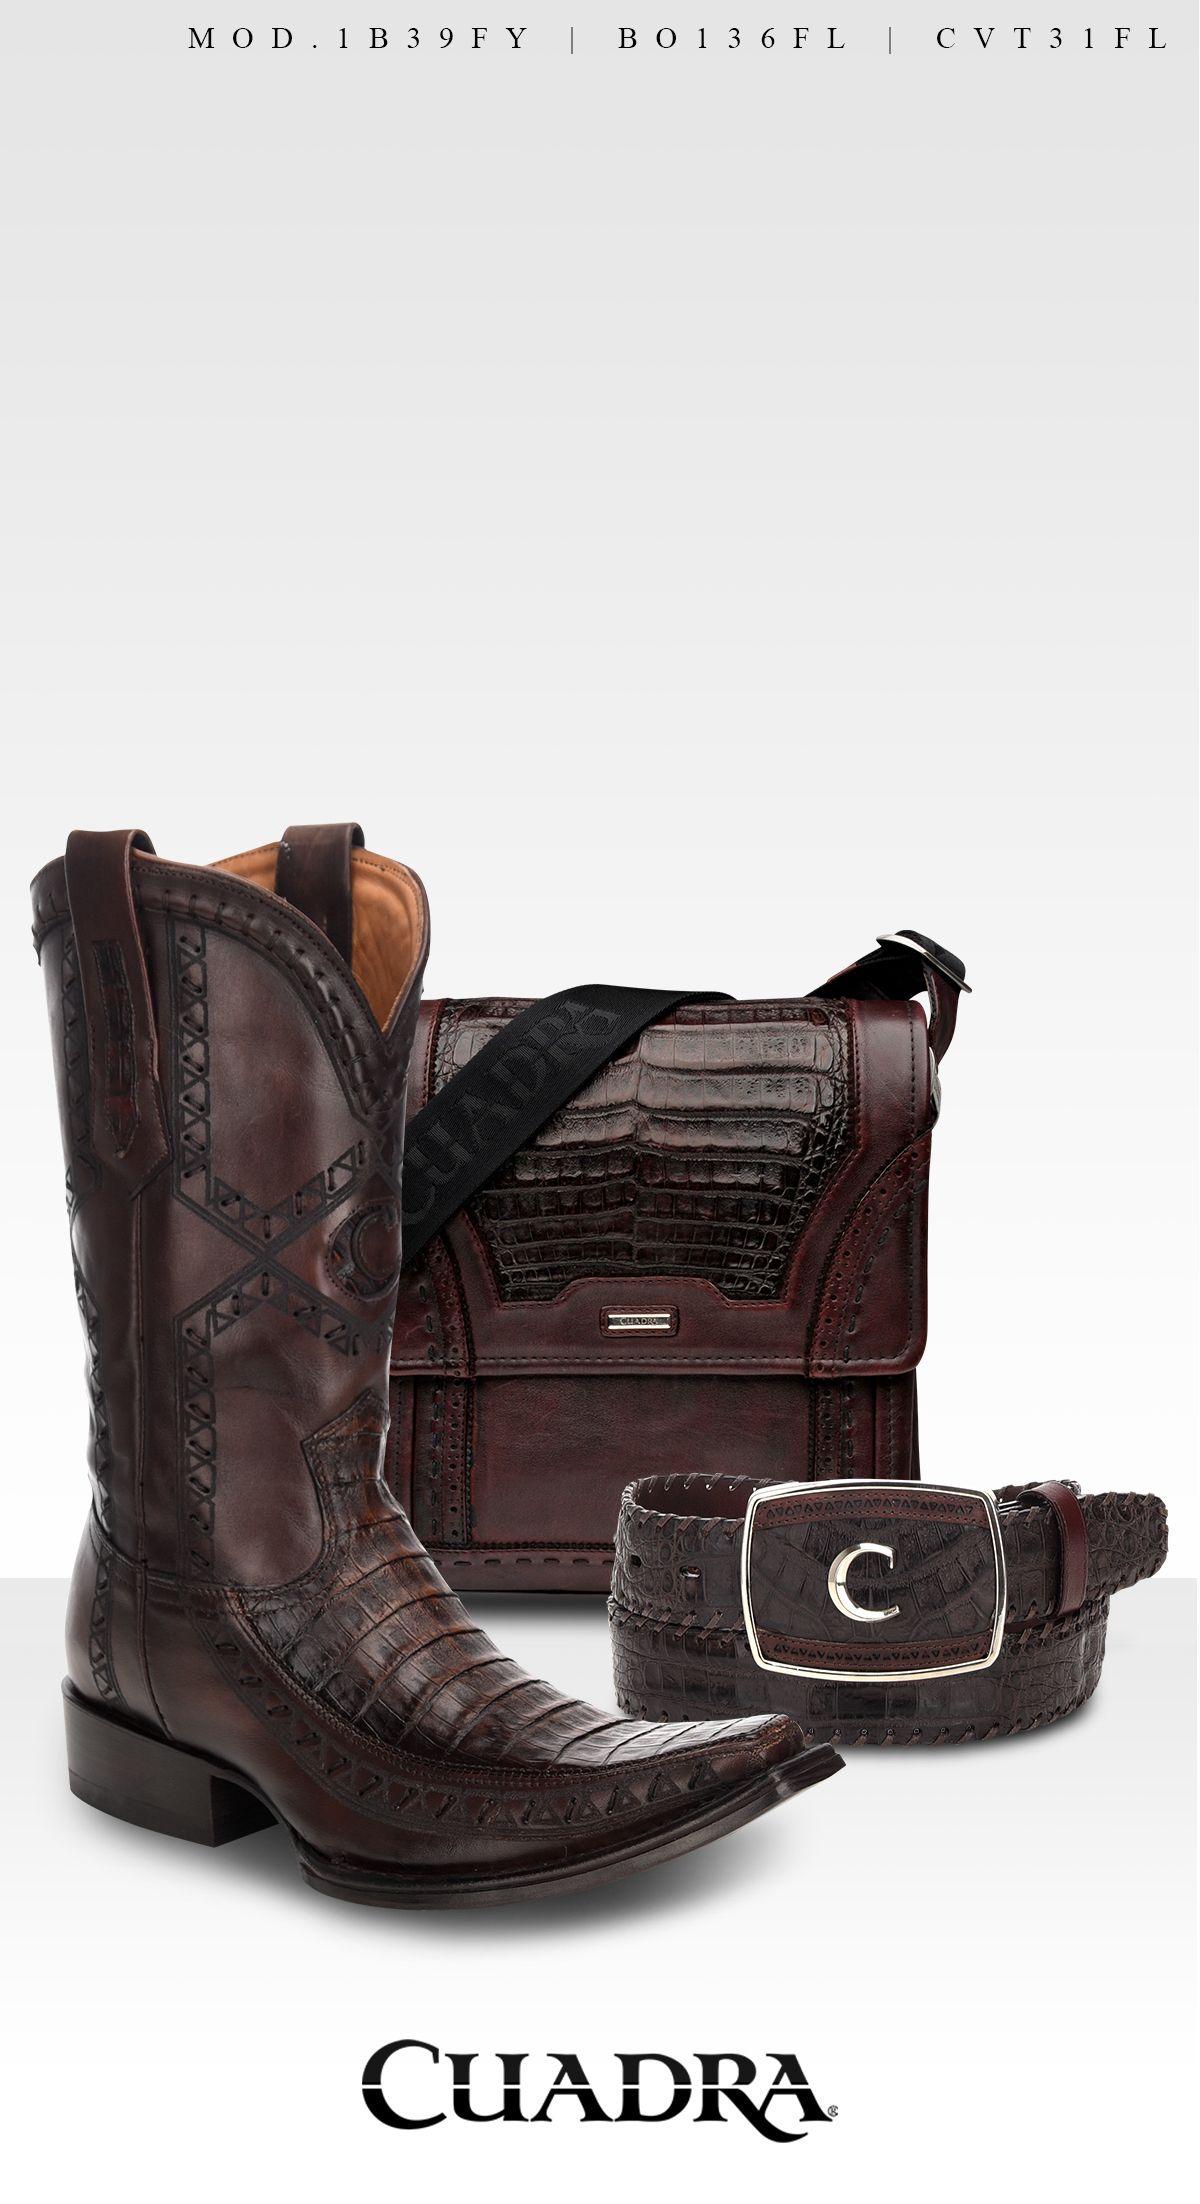 a81c6e3f5e Lleva el poder a donde vayas.  western  cowboy  boots  botas ...